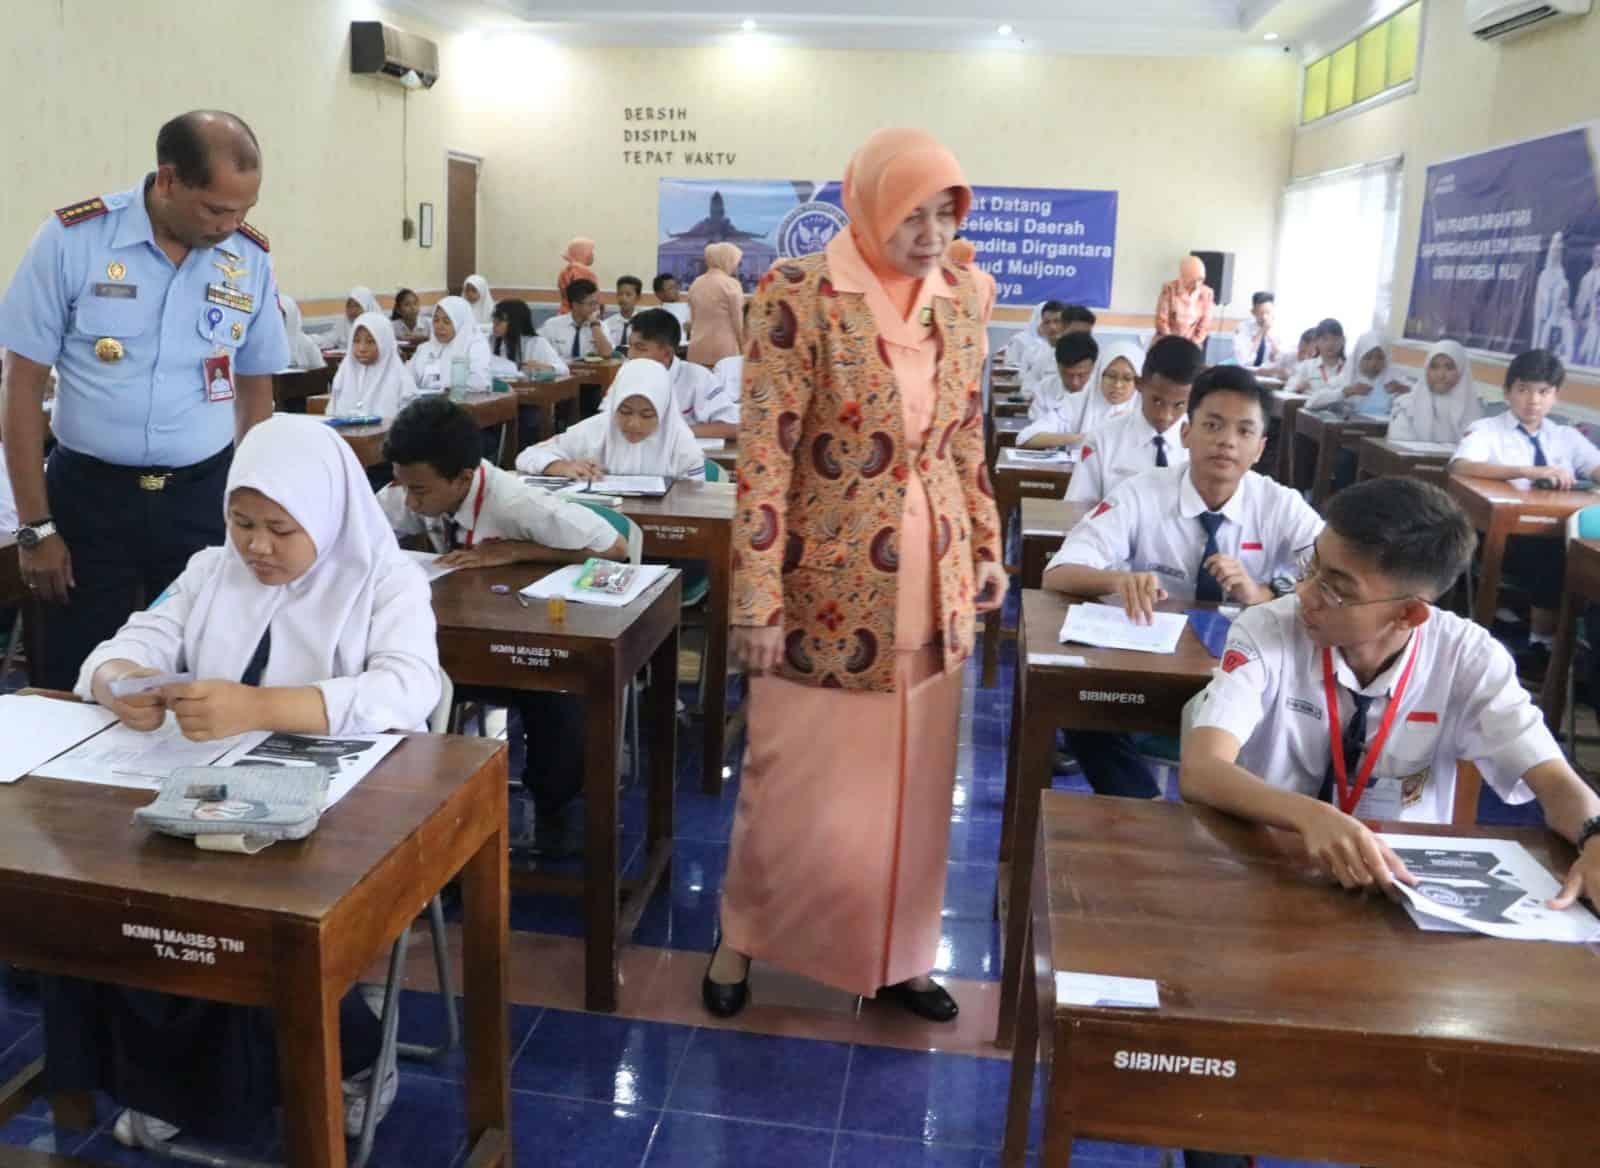 45 Calon Peserta didik SMA Pradita Dirgantara Laksanakan Seleksi di Lanud Muljono Surabaya